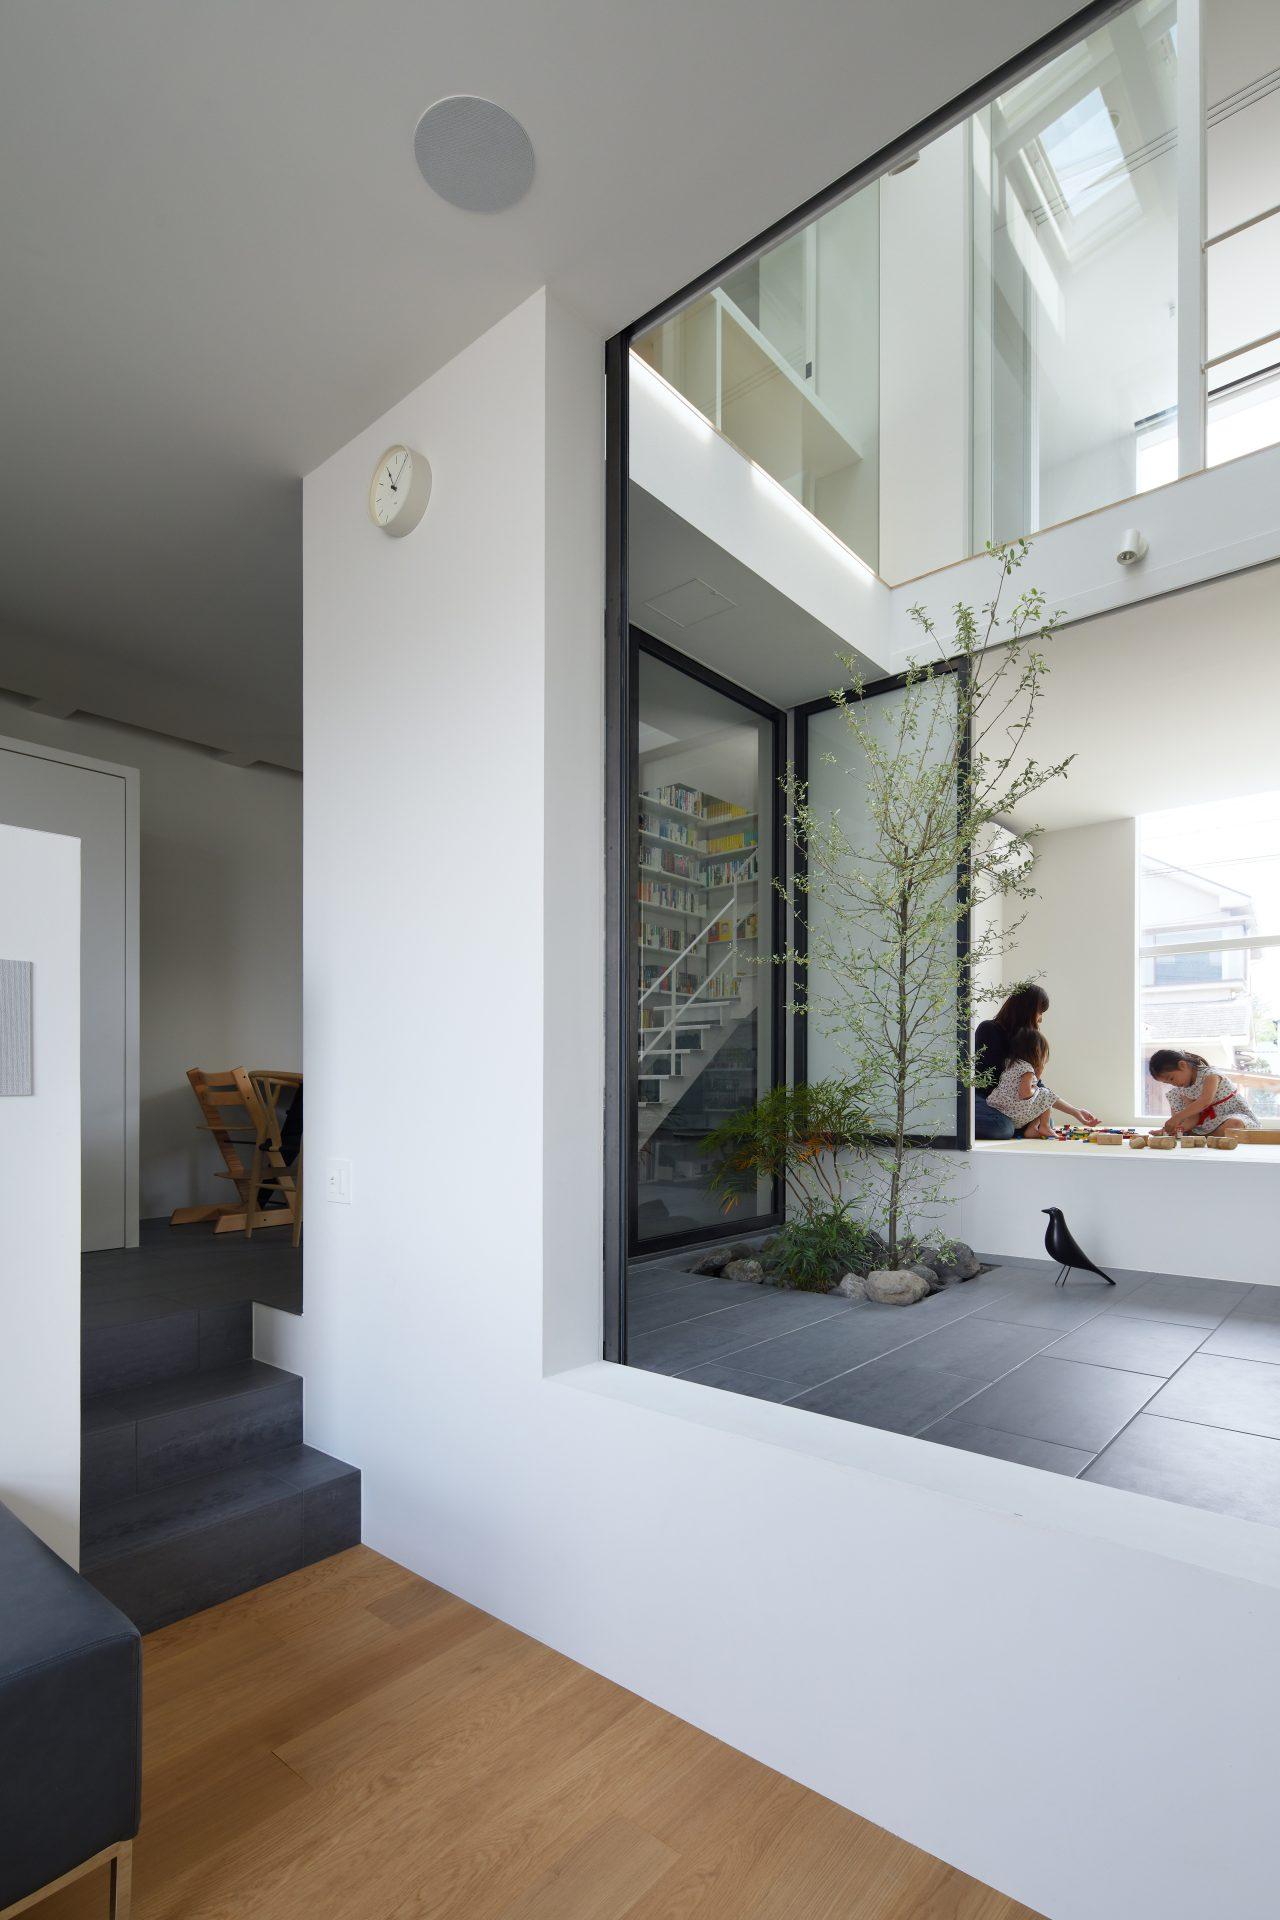 兵庫甲陽園サンルームのある家のリビング02